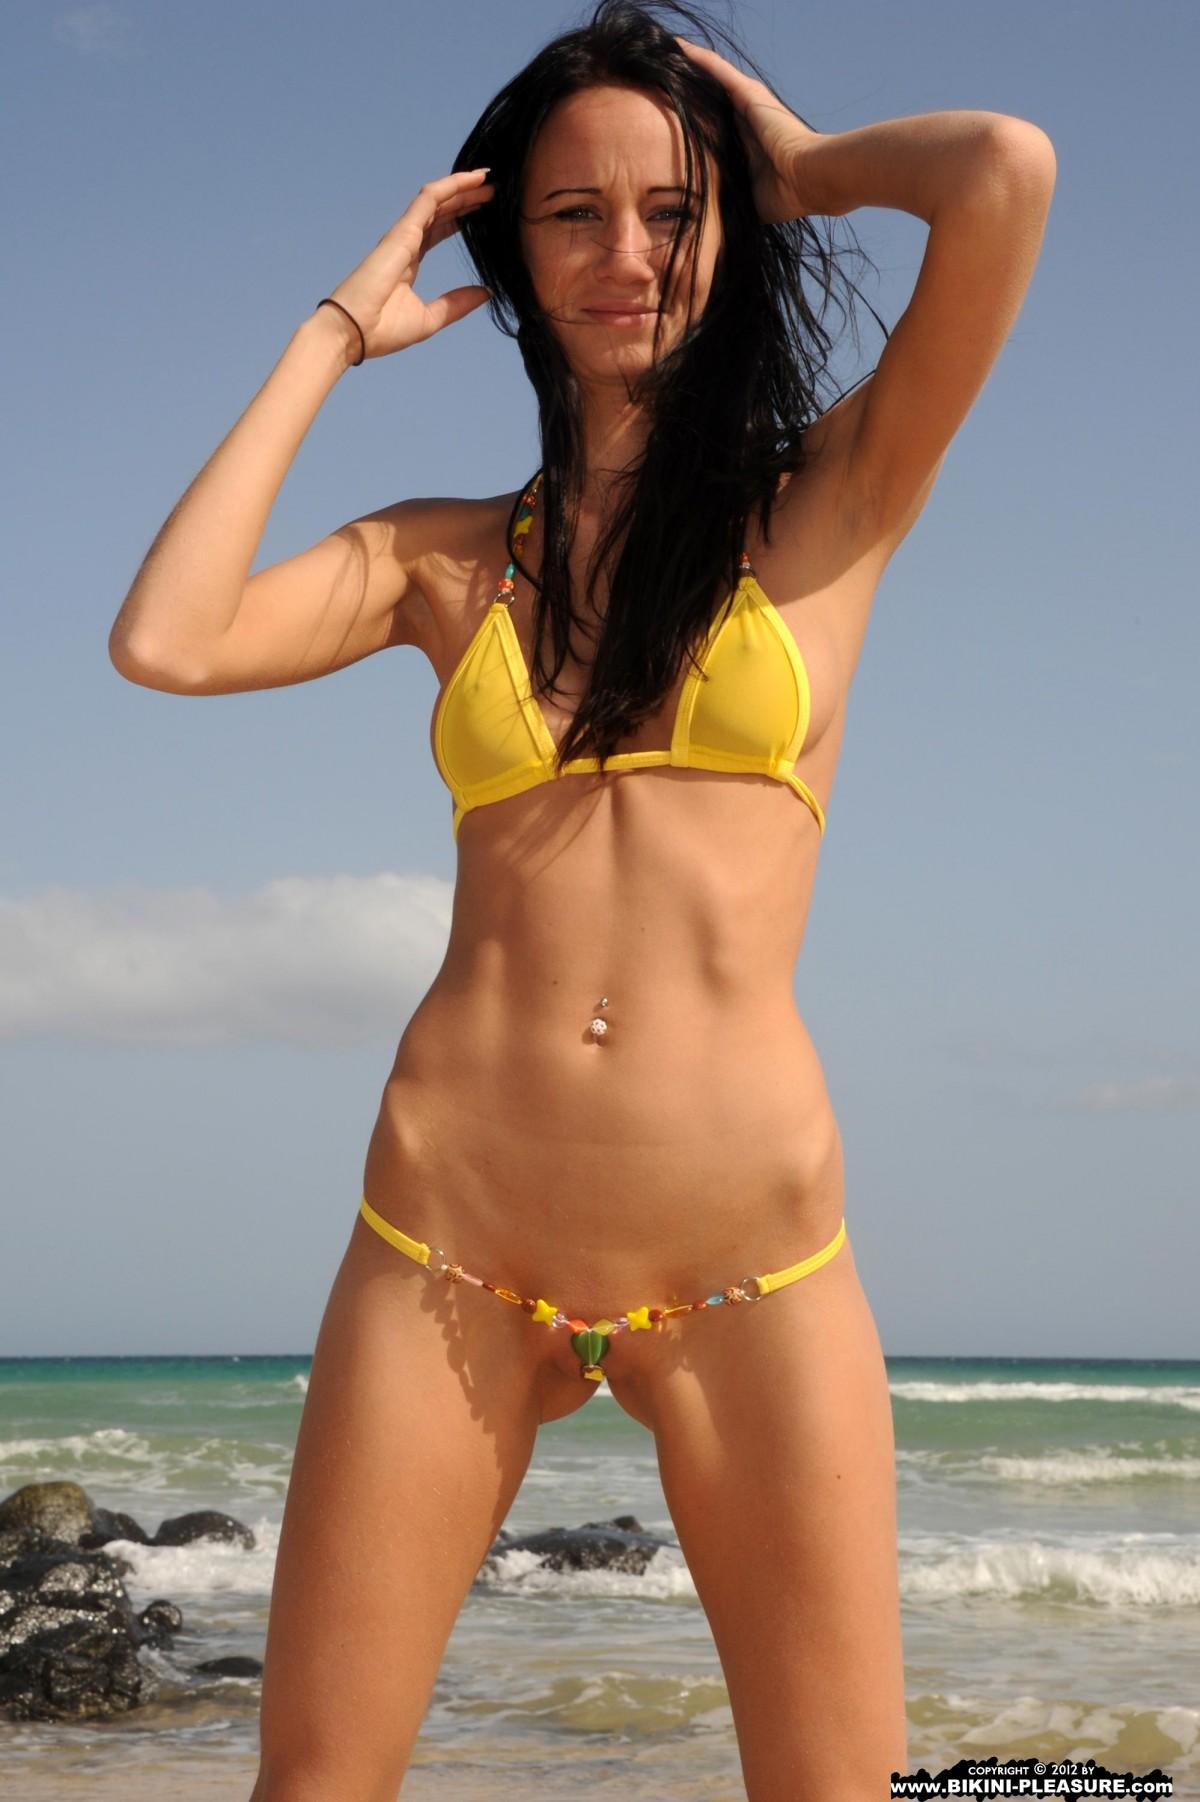 Фото раздвинула ножки на пляже